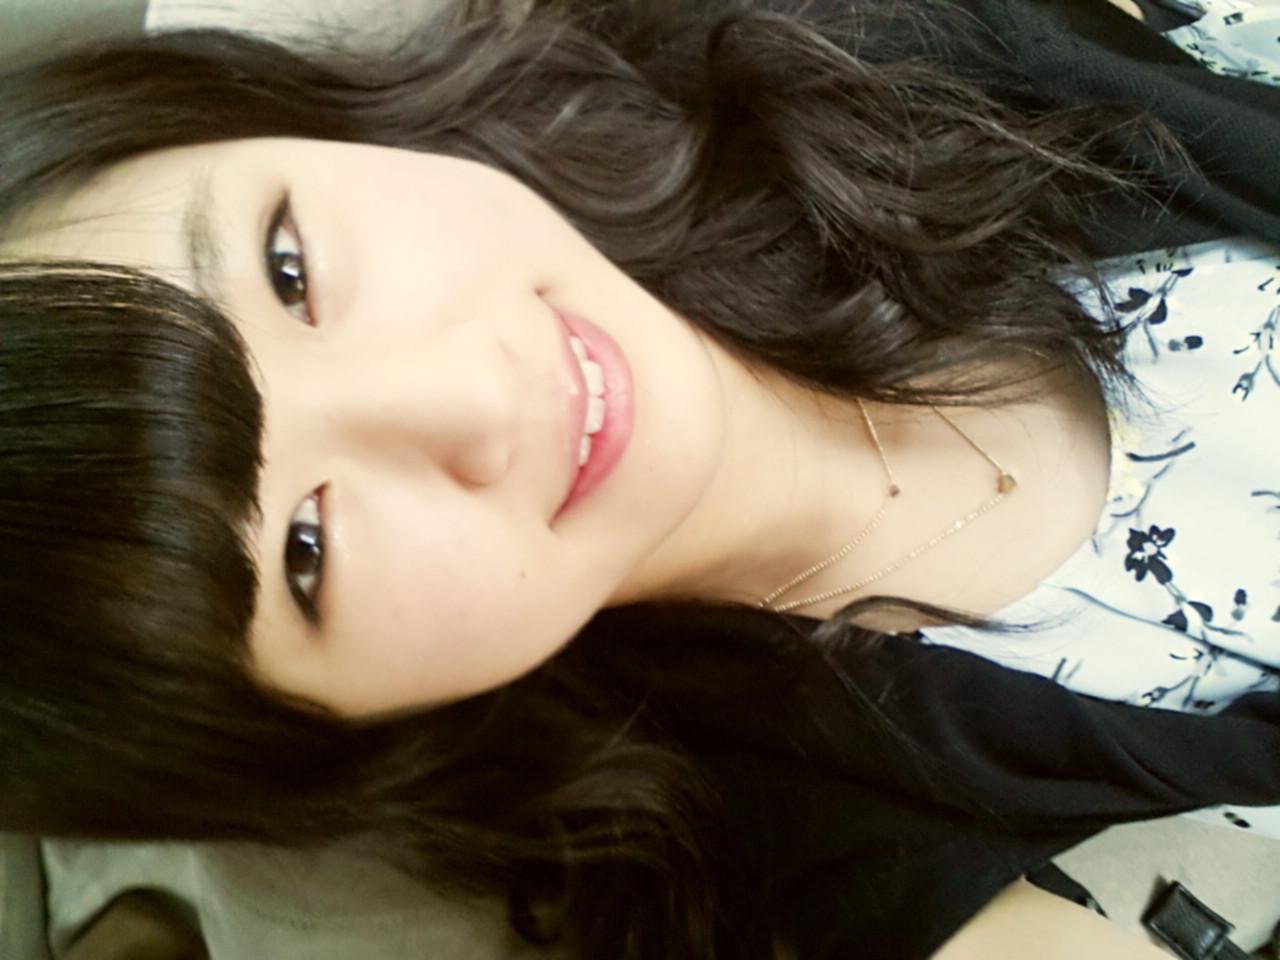 13歳 ヌード yukikax. 辻作品 かおる '